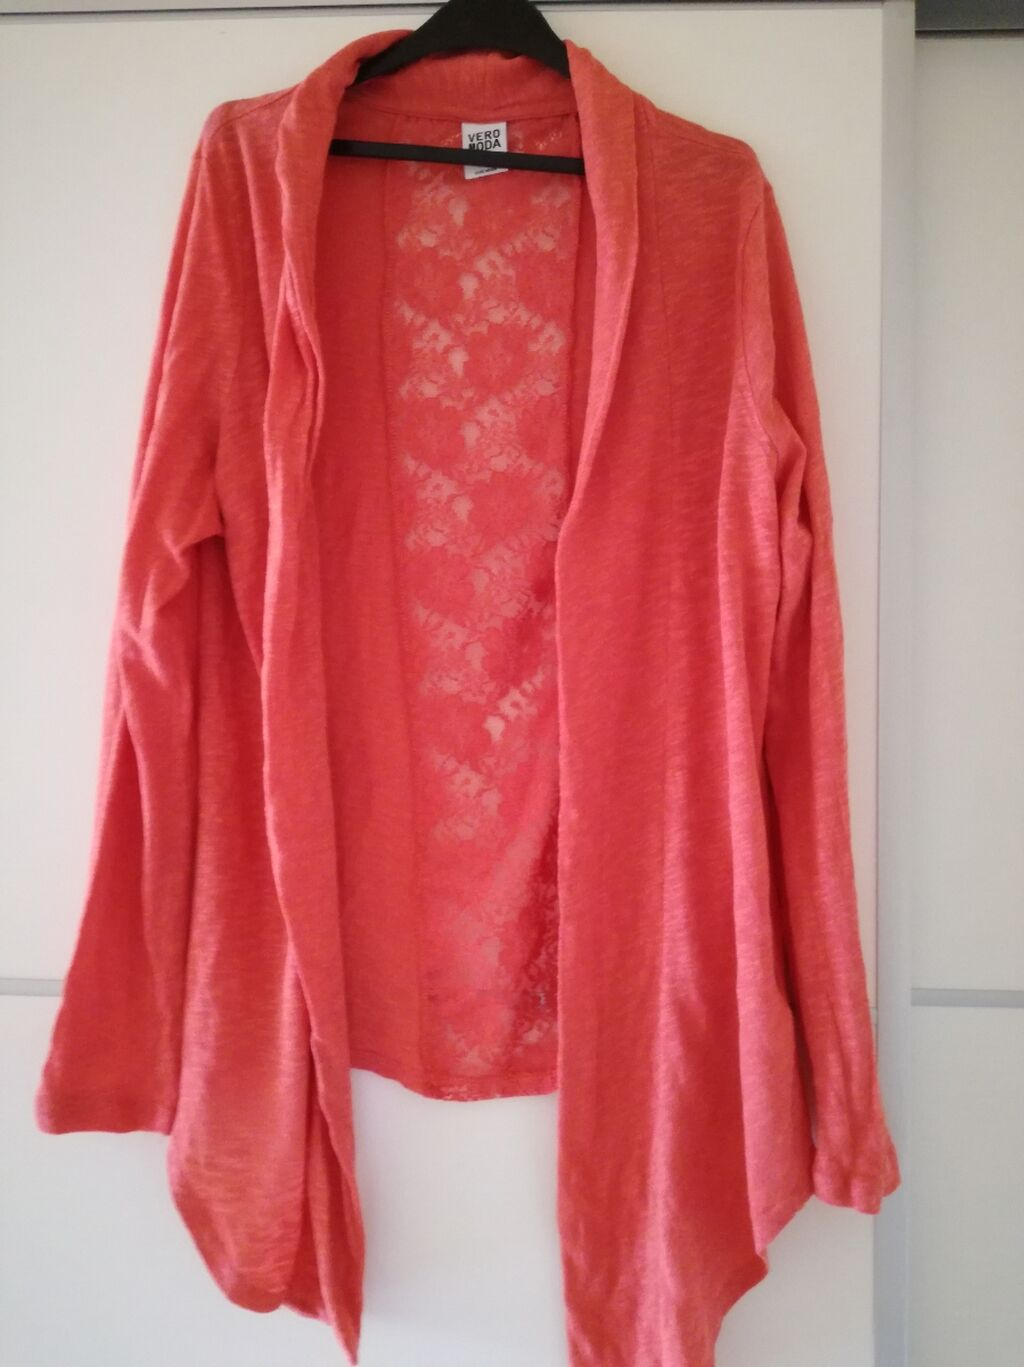 Košulje i bluze - Bajina Basta: Kardigan Veromoda velicina xl